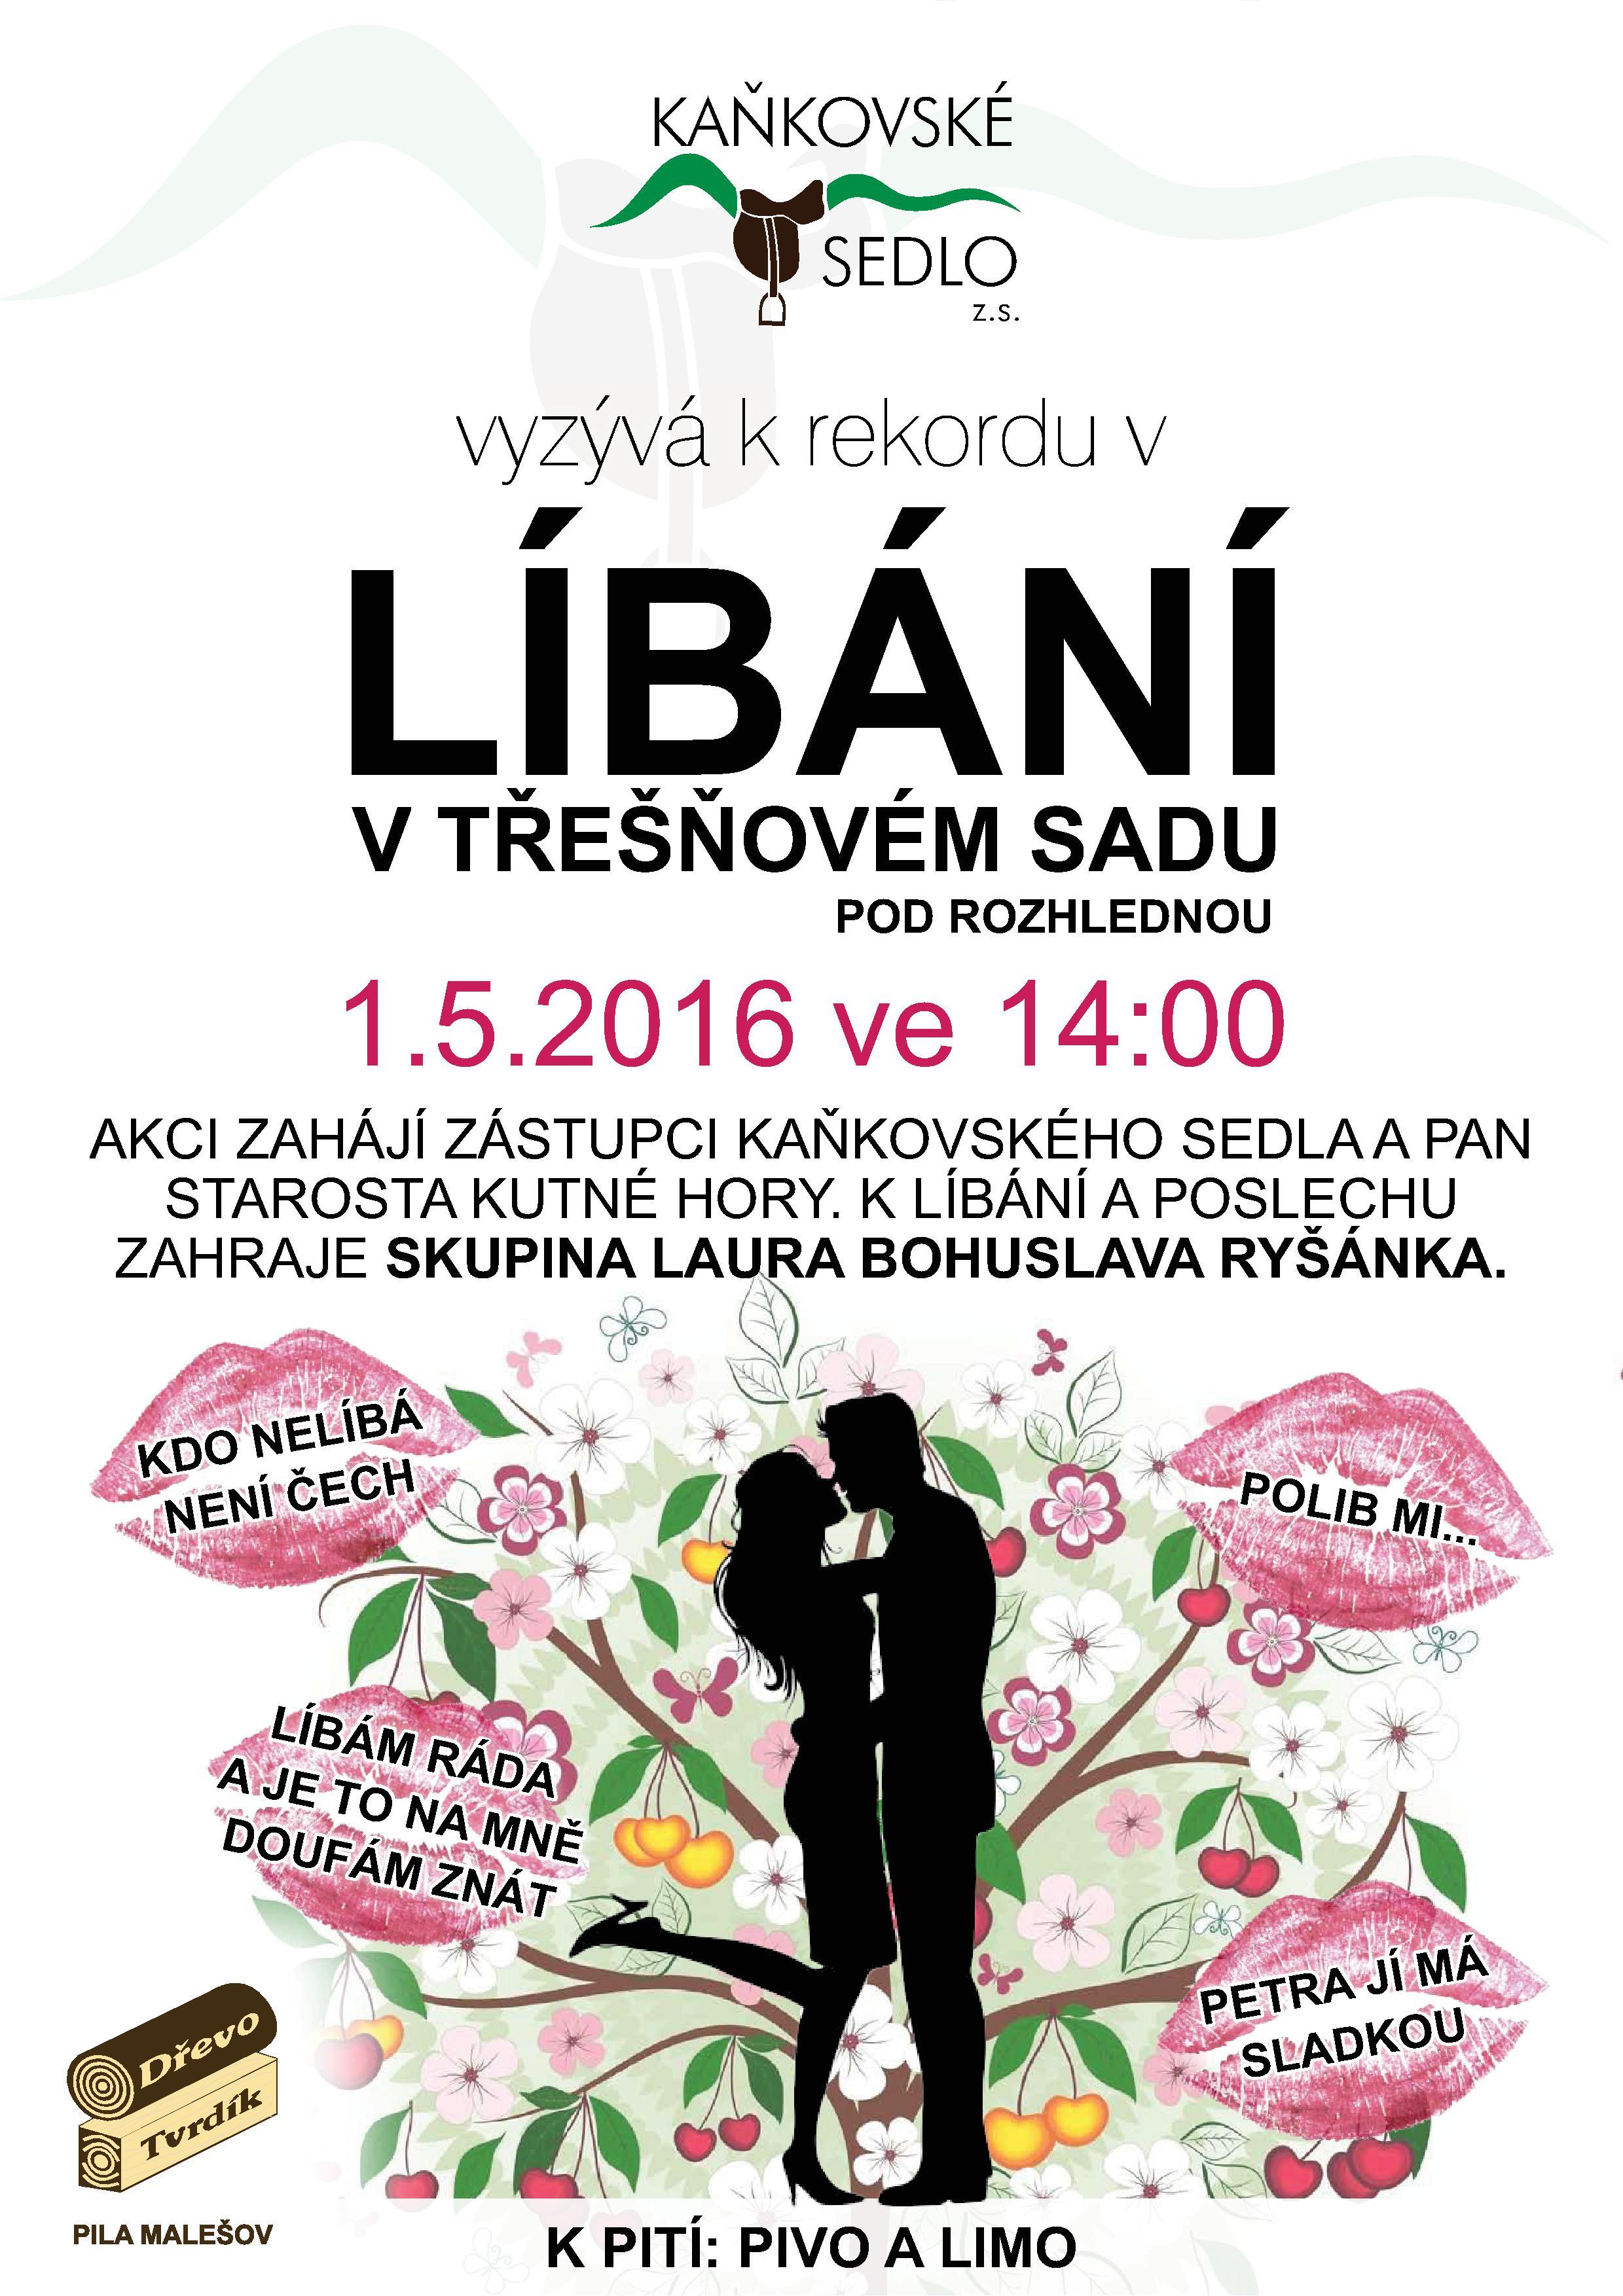 191-libani-v-tresnovem-sadu.jpg